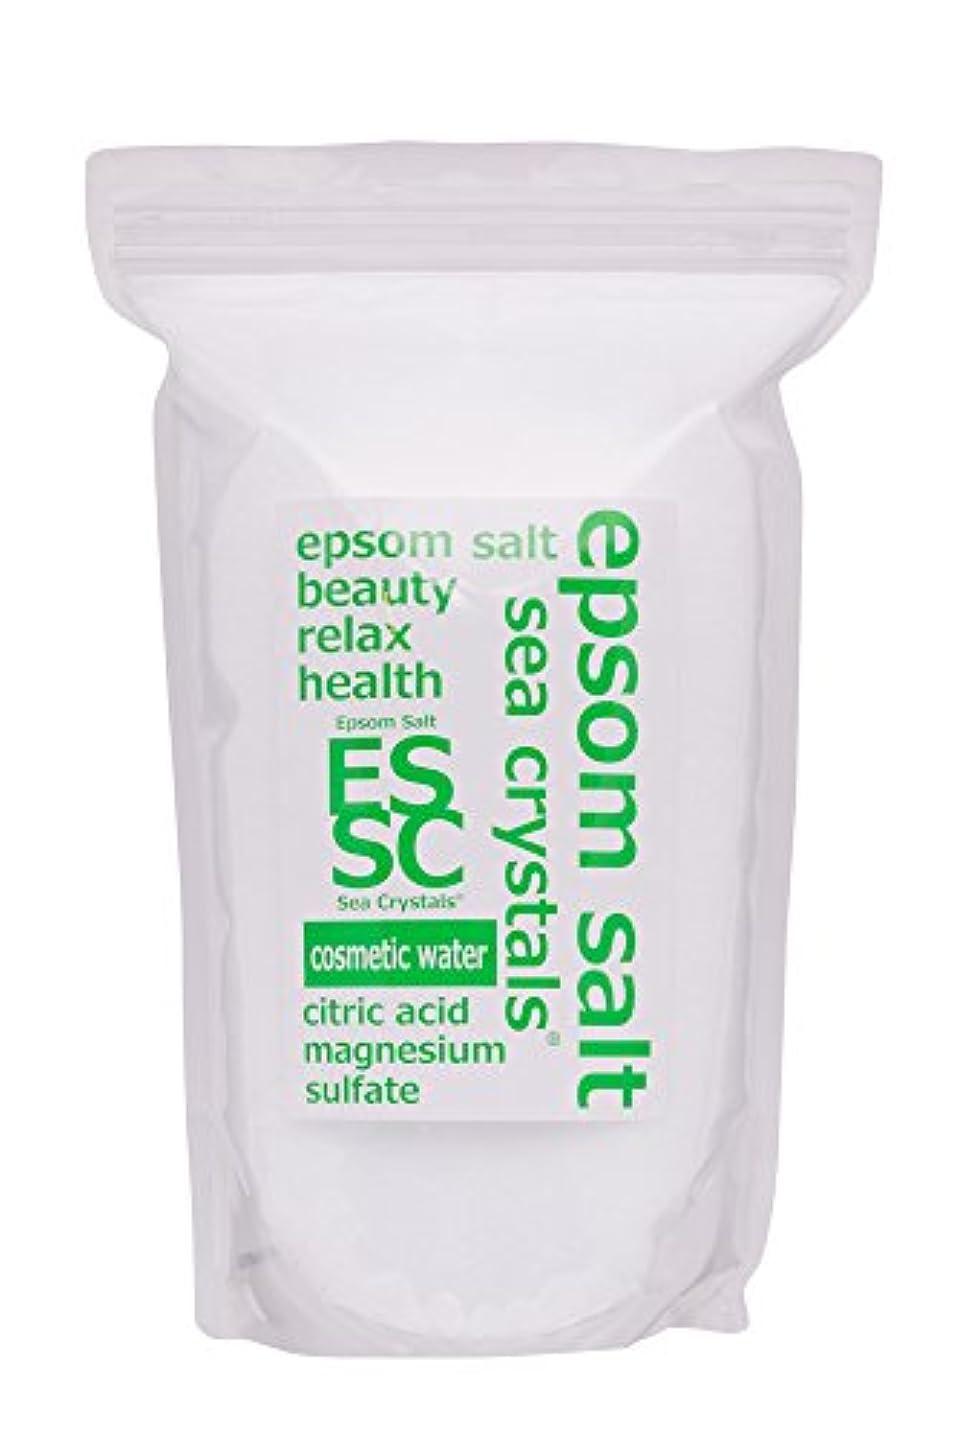 急勾配の結婚どこにでもエプソムソルト コスメティックウォーター 2.2kg入浴剤 (浴用化粧品)クエン酸配合 シークリスタルス